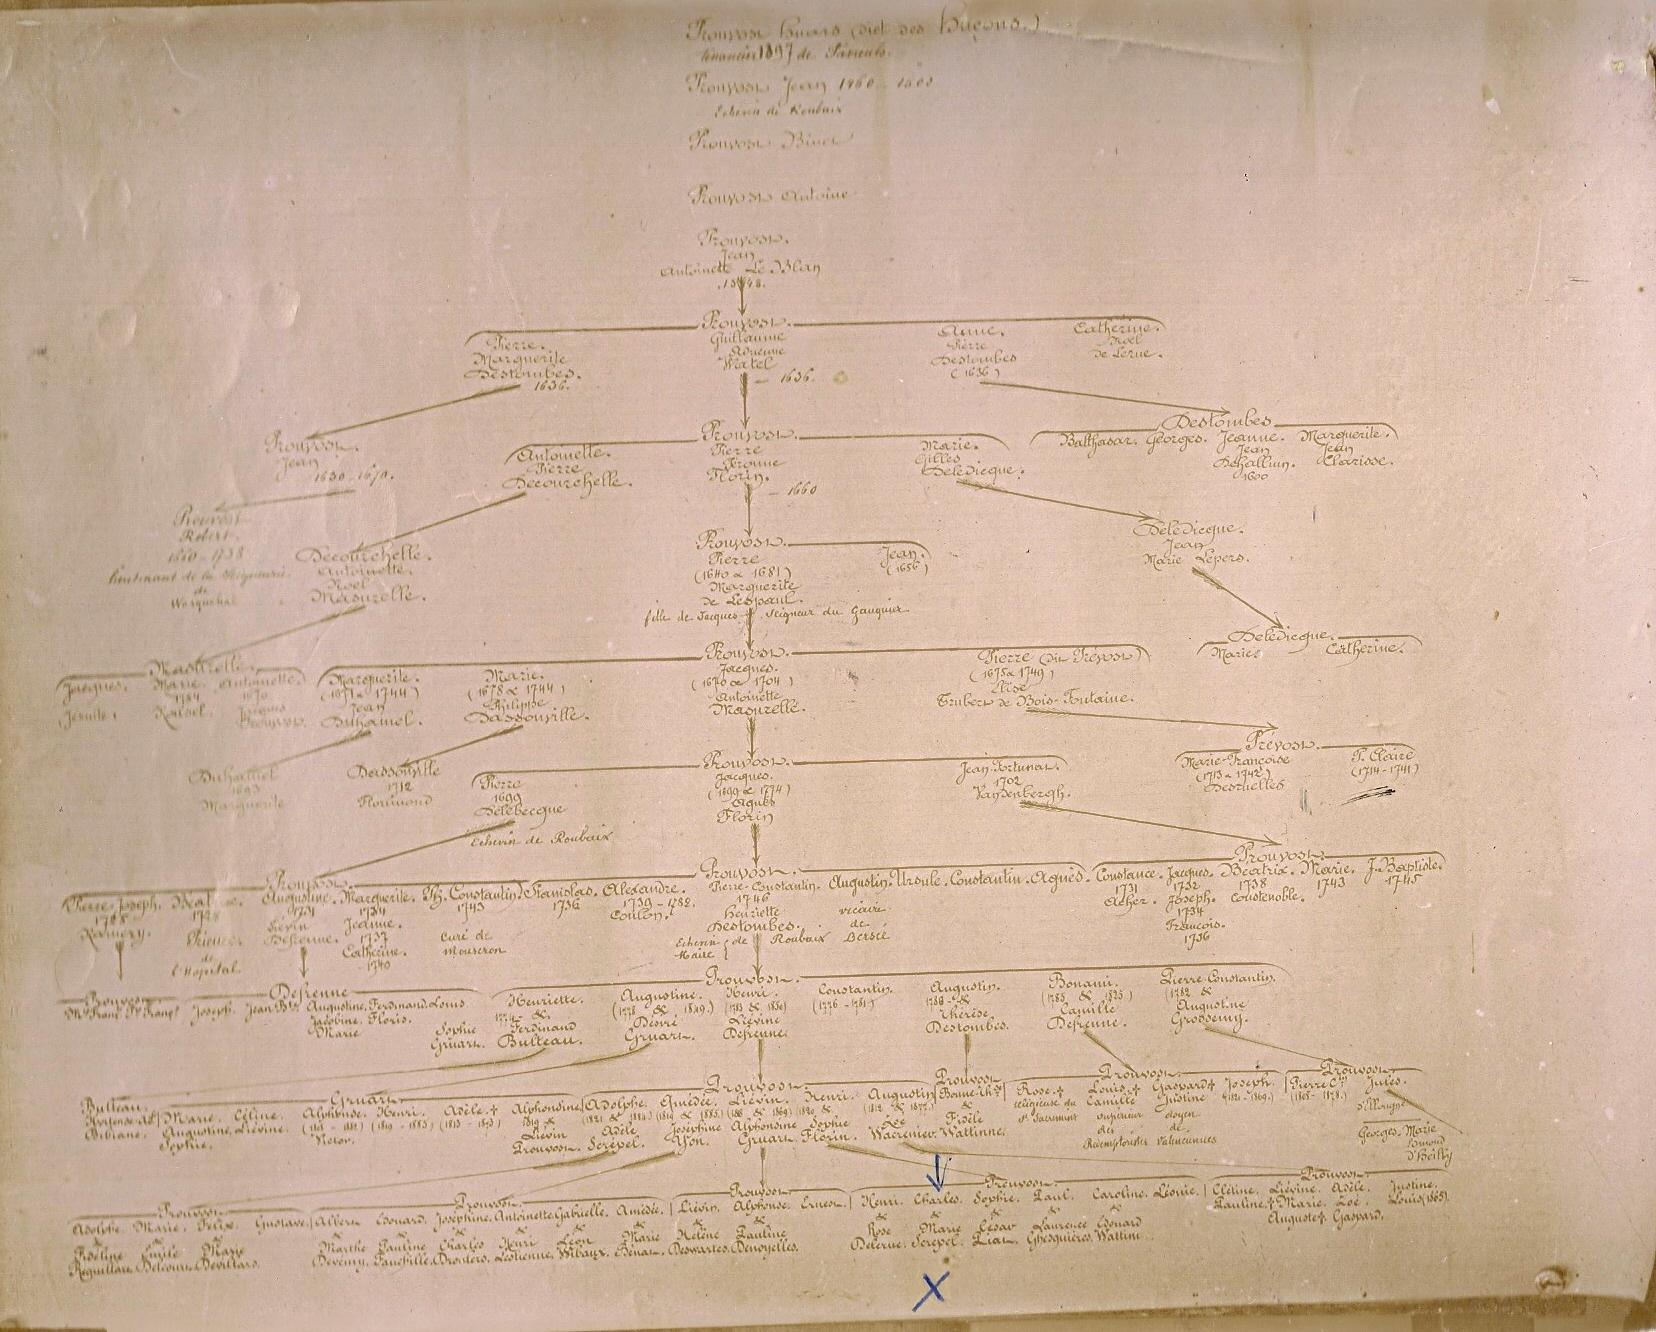 tableau-genealogique-prouvost